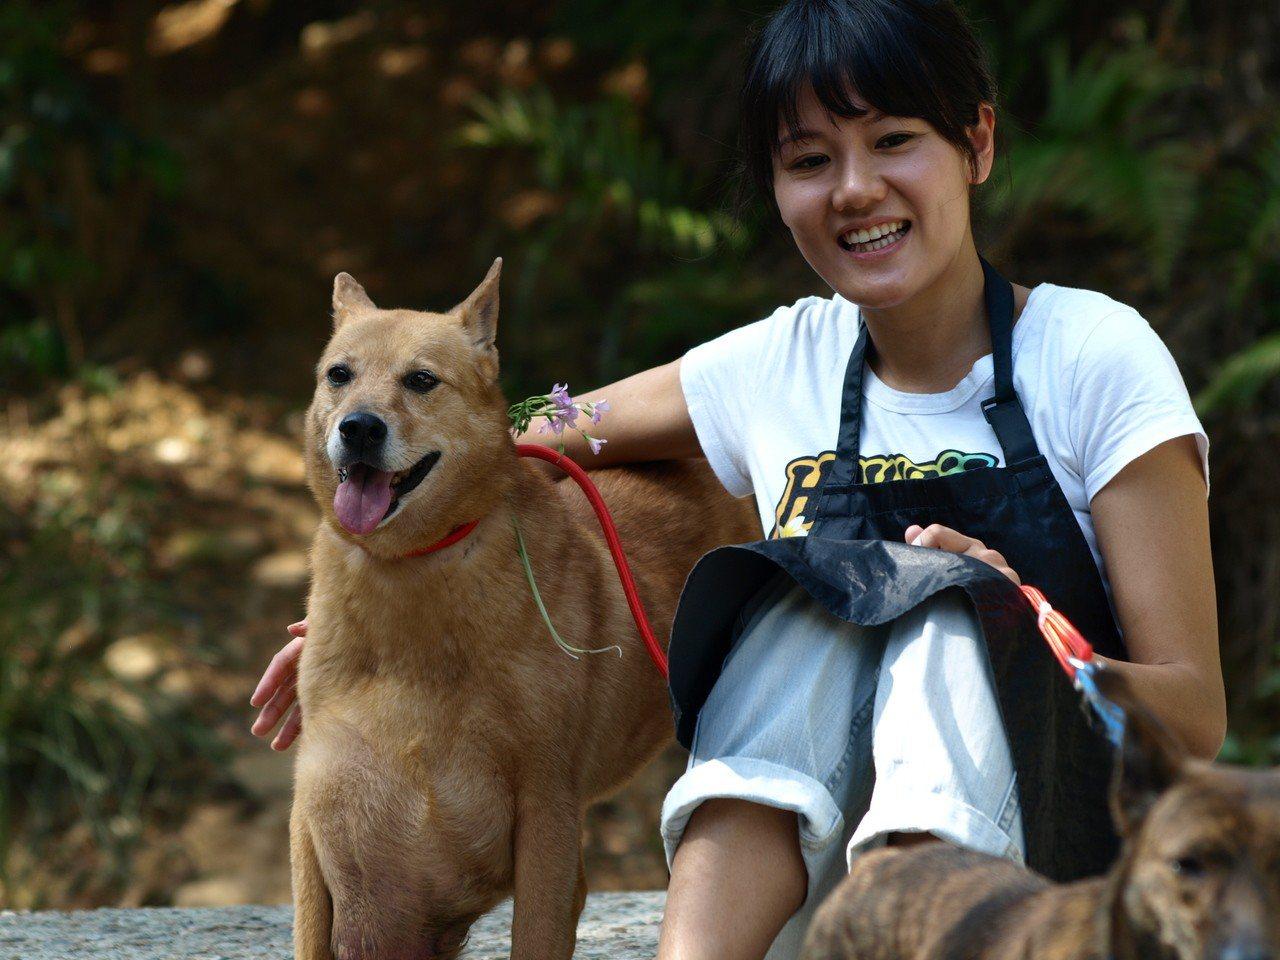 擔任志工期間,Claire每週都會到收容所照顧犬貓、帶他們出籠散步(Claire...